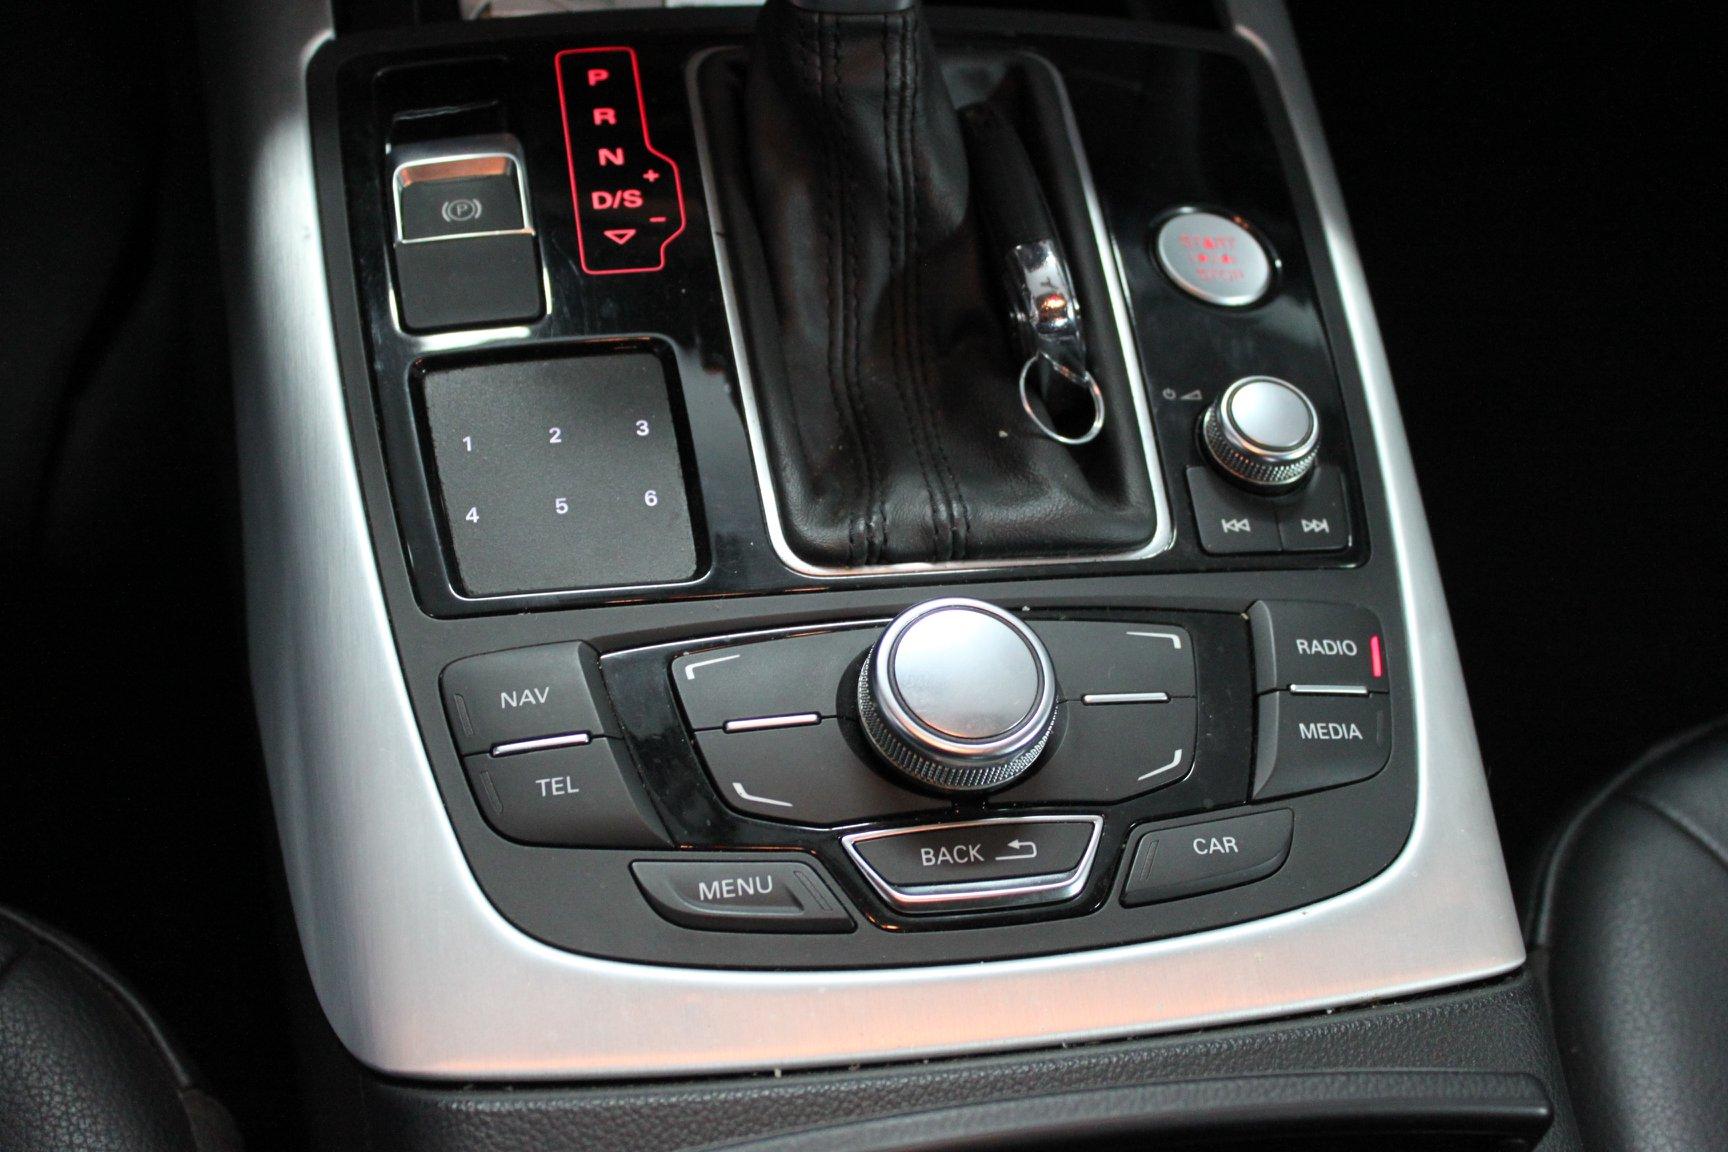 AUDI A6 C7 2012 2.0T QUATTRO